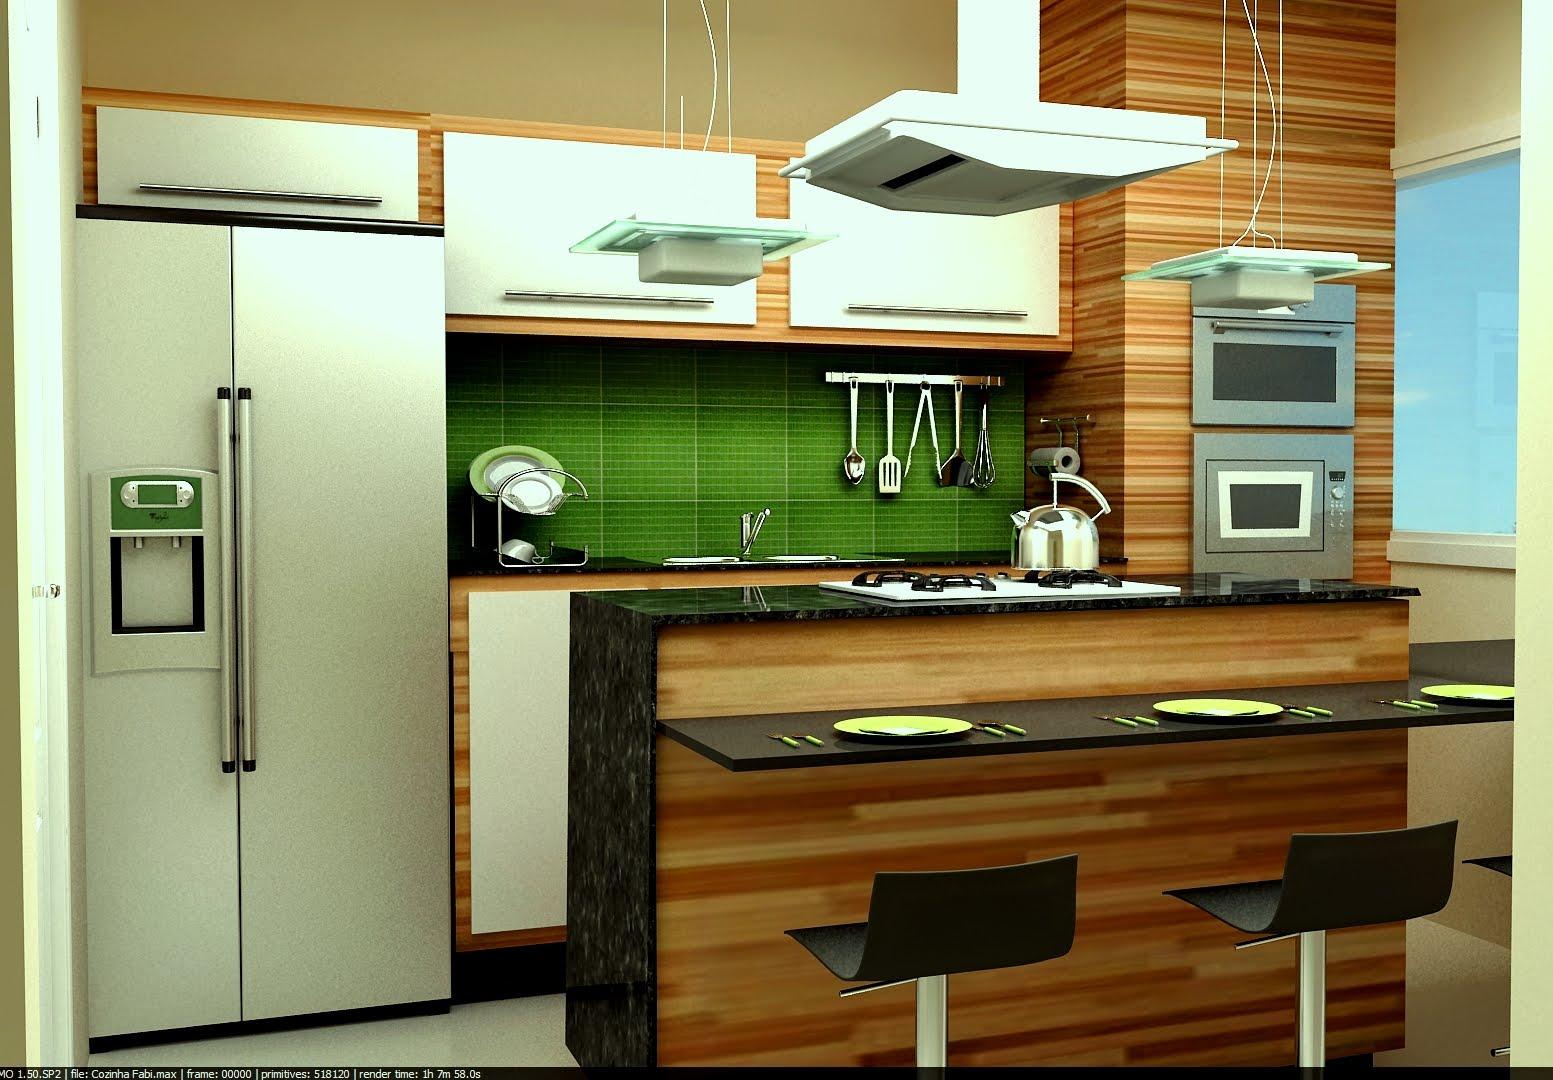 #6B3E0F AVIZ DESIGN DE INTERIORES: Cozinha Projetada no Studio Max 1553x1080 px Modelo De Cozinha Design_501 Imagens